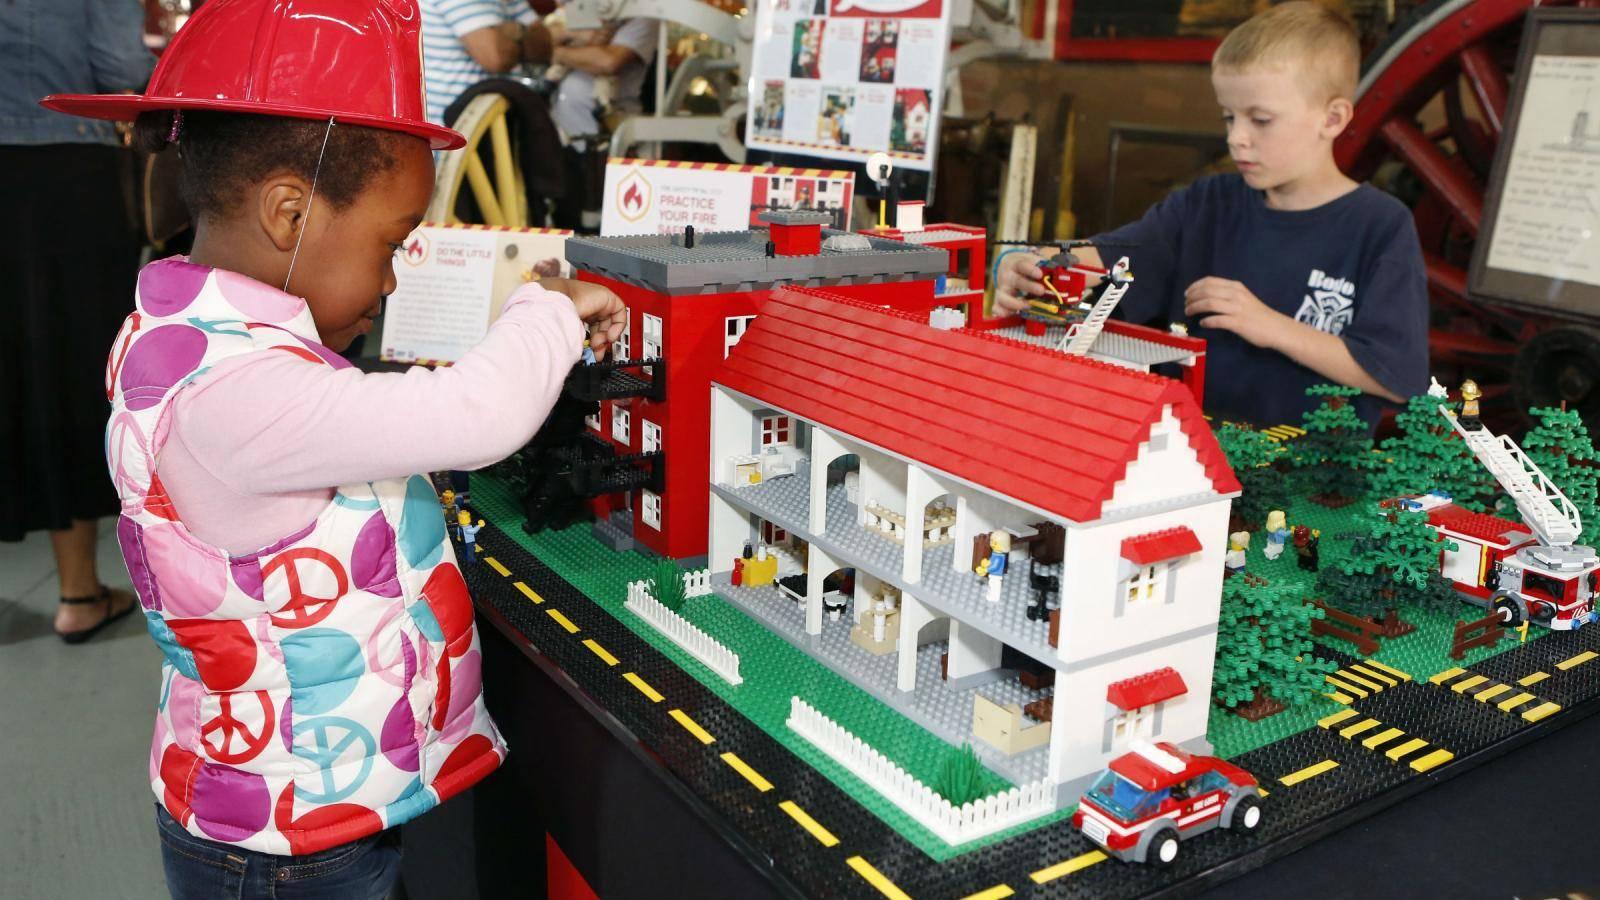 LEGO helps in socialization